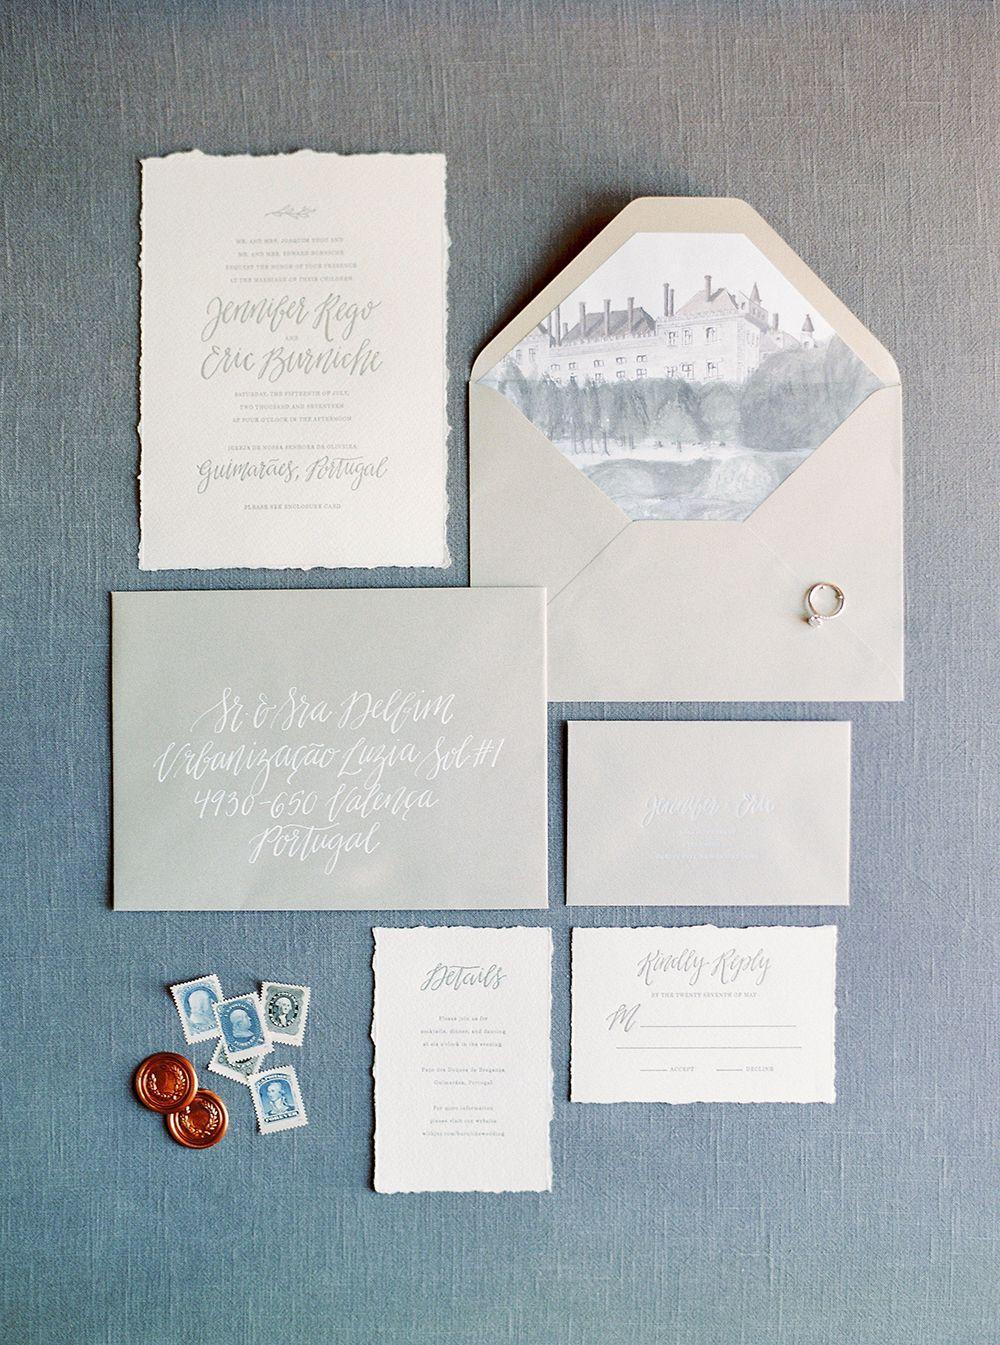 Letterpress Deckled Edge Suite Branco Prata Photography Classic